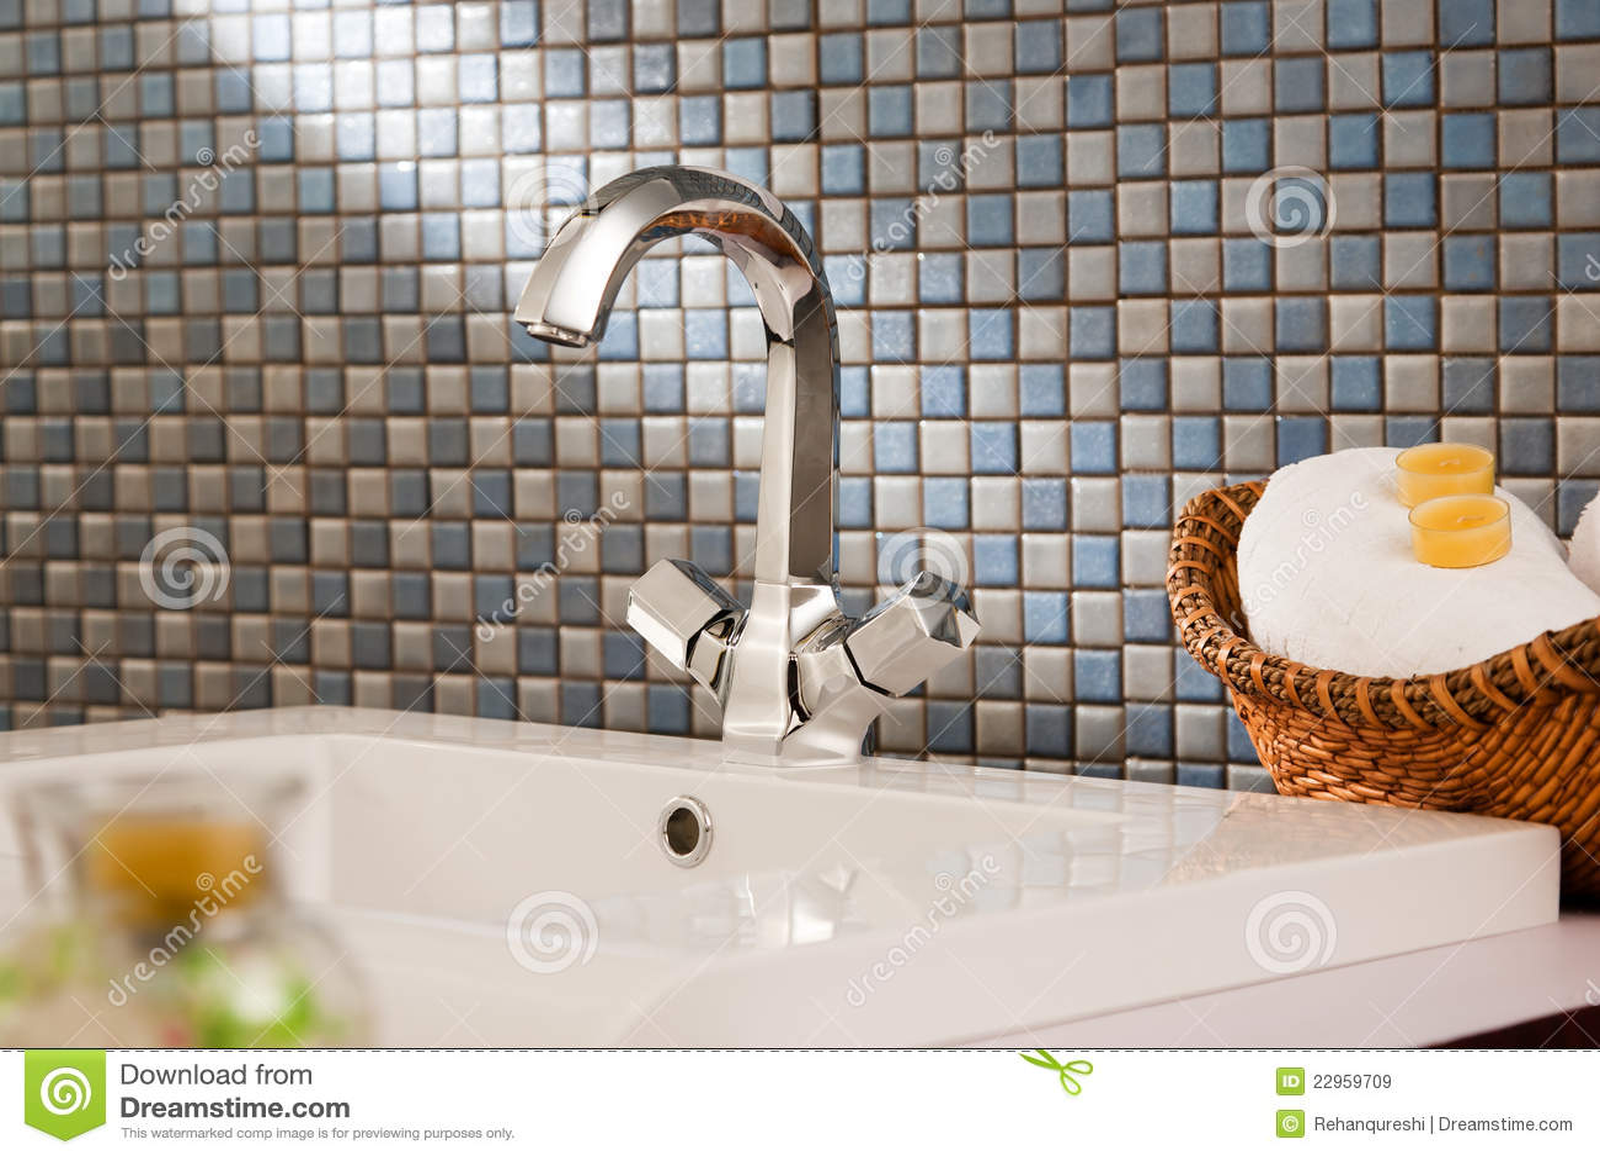 Modernt Handfat För Badrum Royaltyfria Bilder - Bild: 22959709